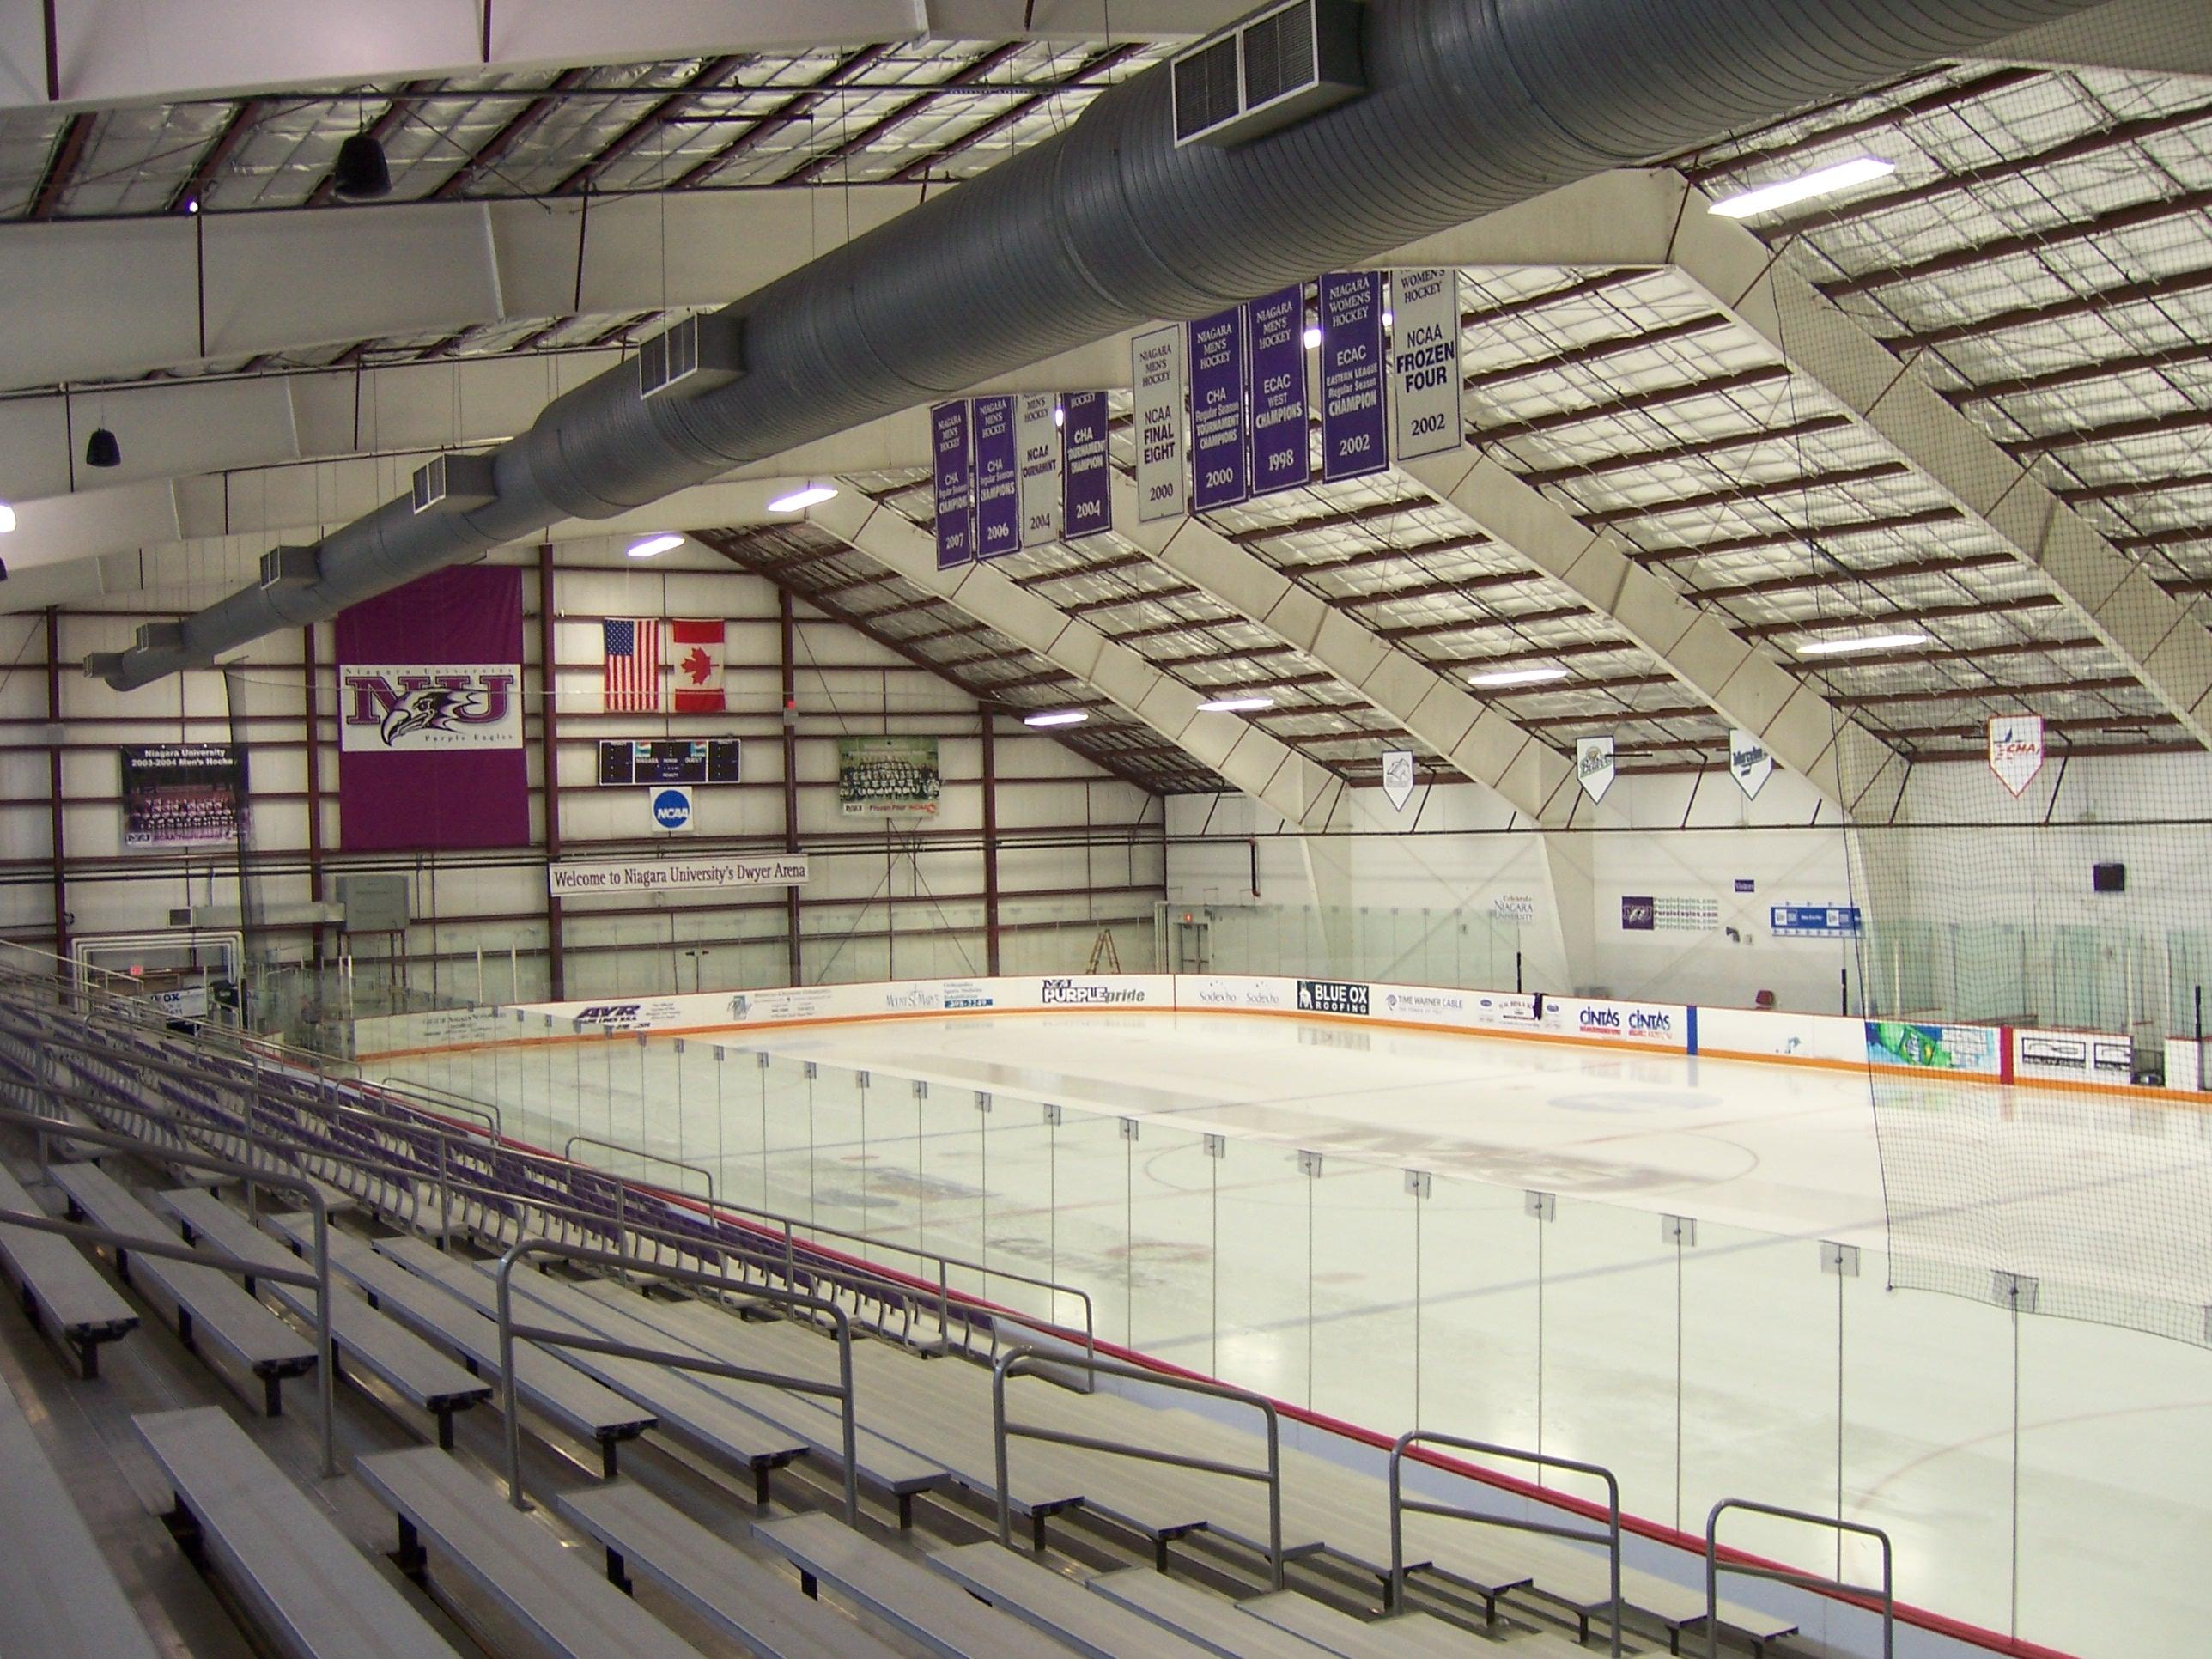 Dwyer Arena - Wikipedia